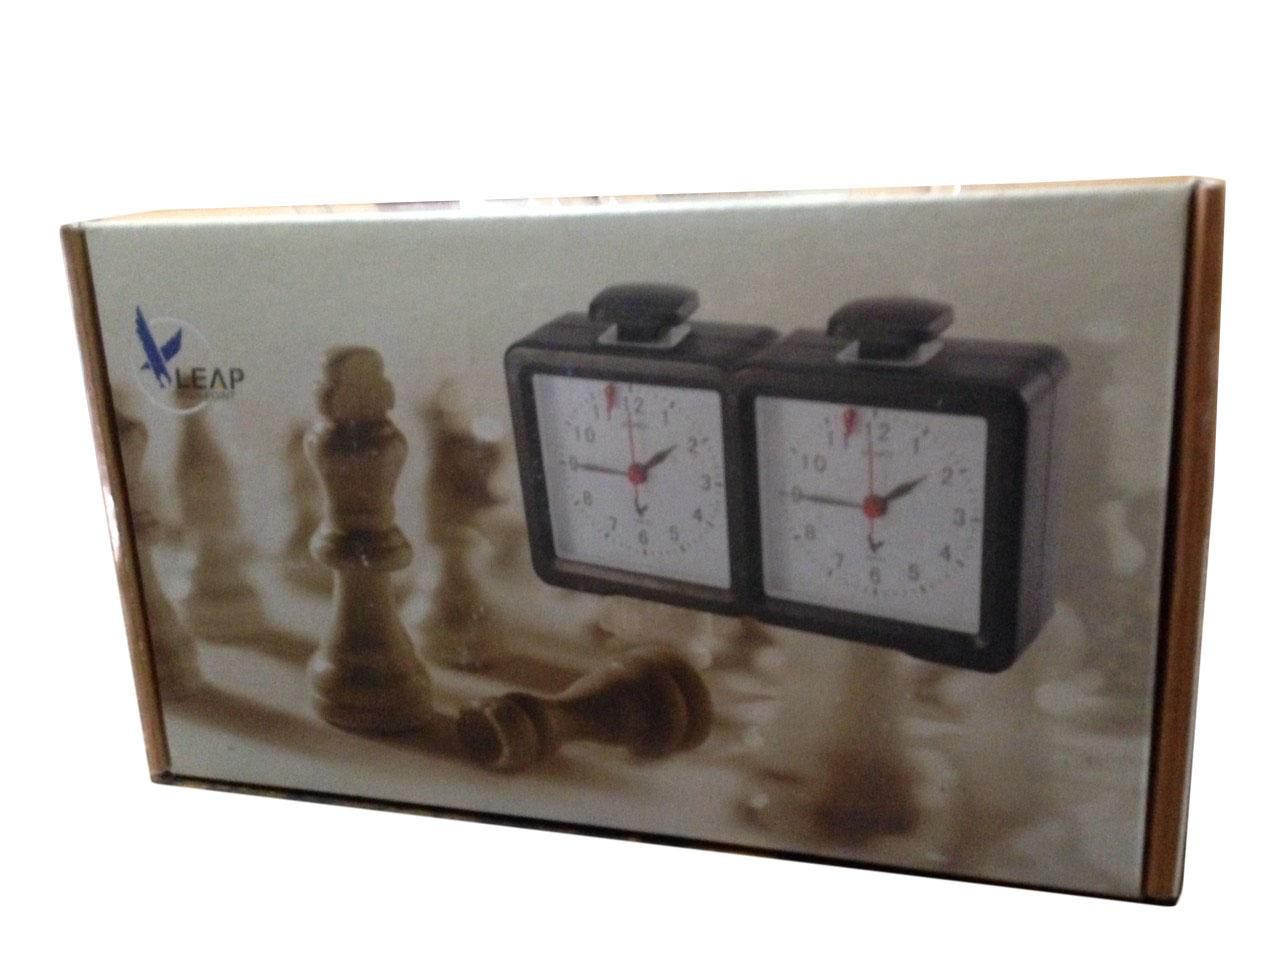 นาฬิกาจับเวลาแบบอนาล็อคLEAP